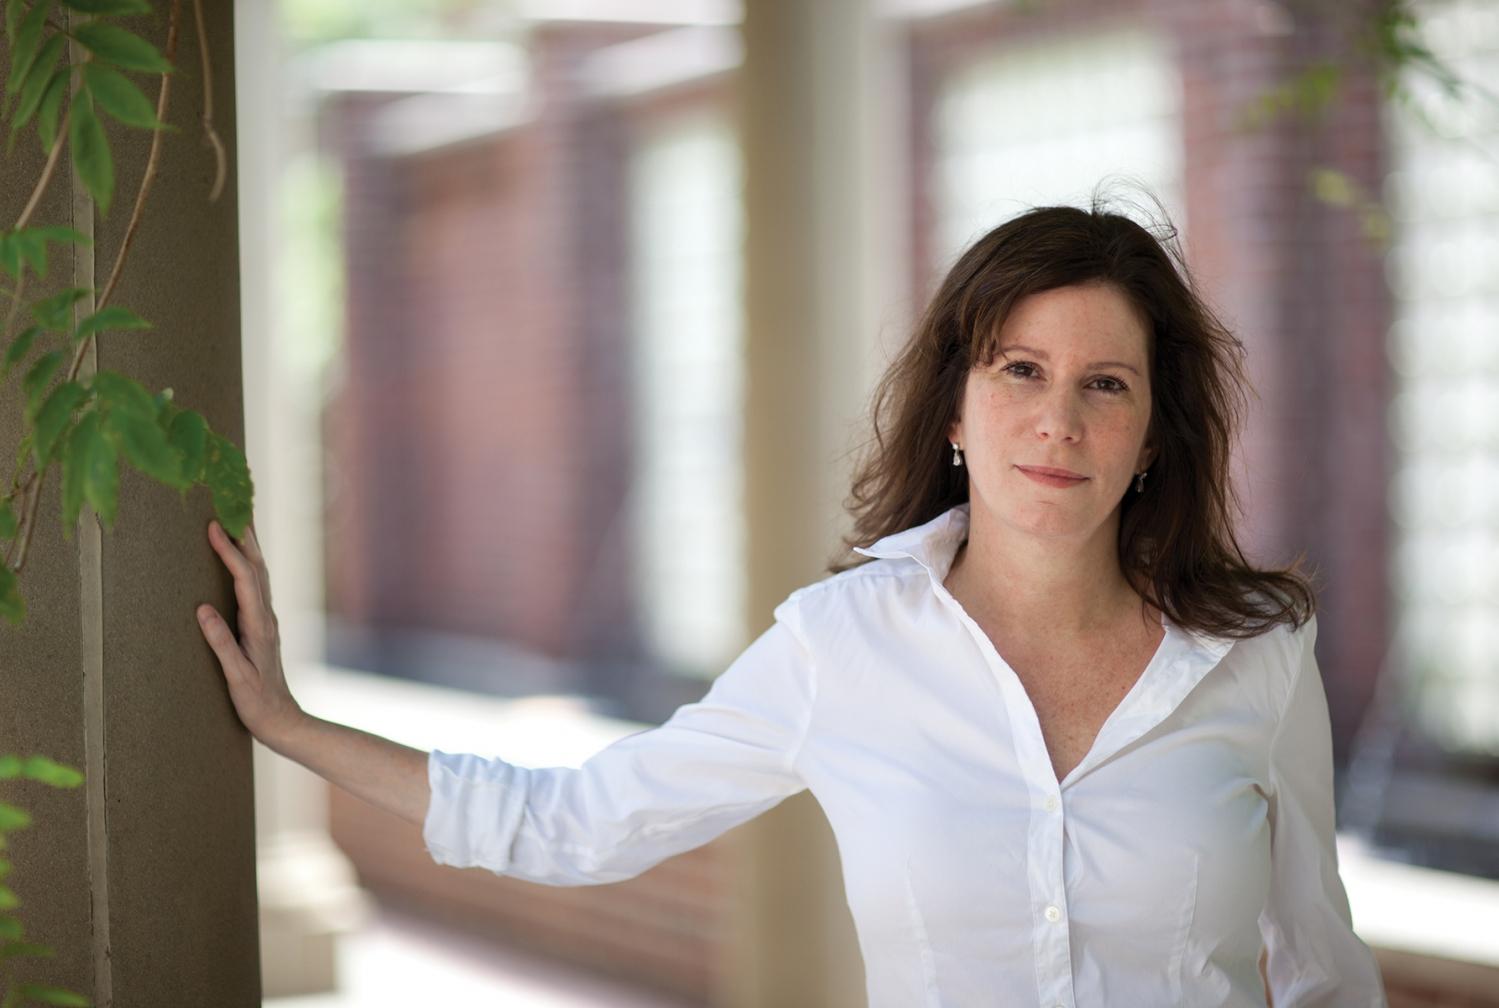 Dr. Sheila Nirenberg